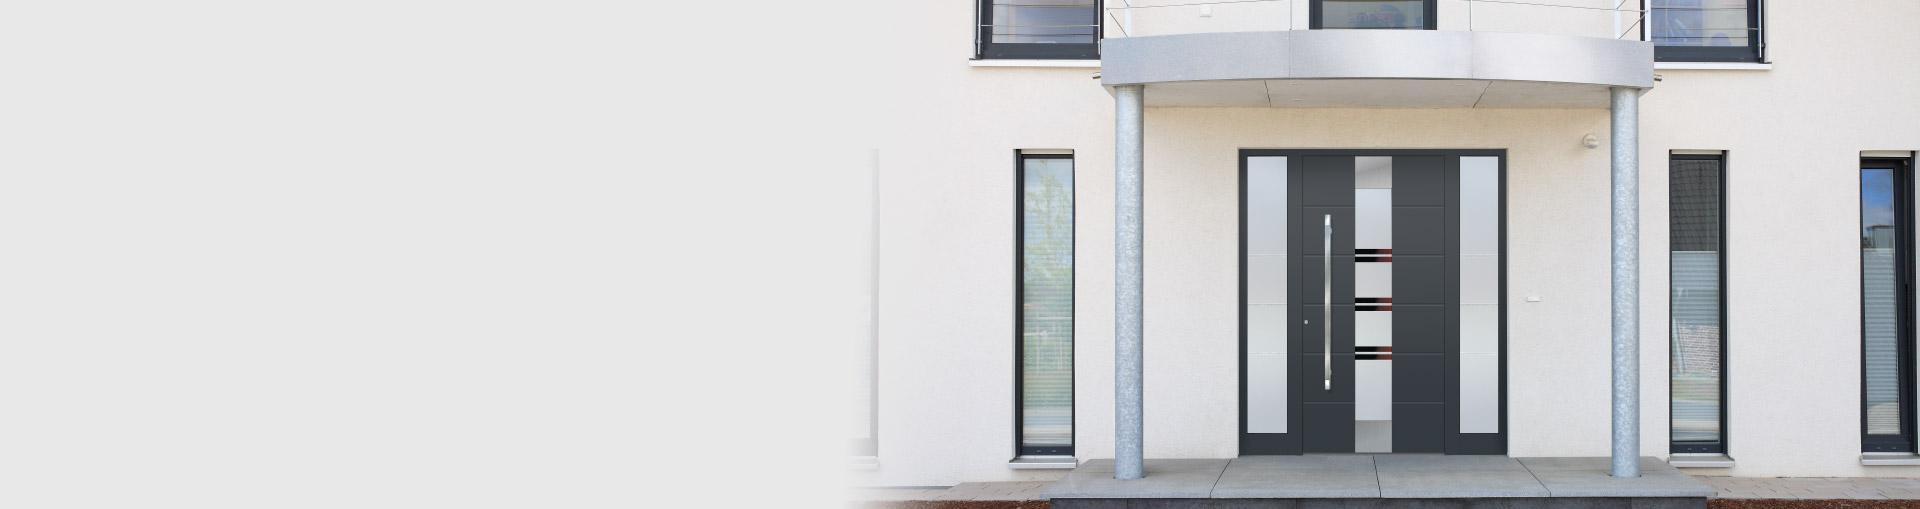 Full Size of Fenster Detail Dwg Deutschland Schweiz Schnitt Deko Weihnachten Depot Fensterdeko Basteln Dekoration Kaufen Home Fenster Fenster.de